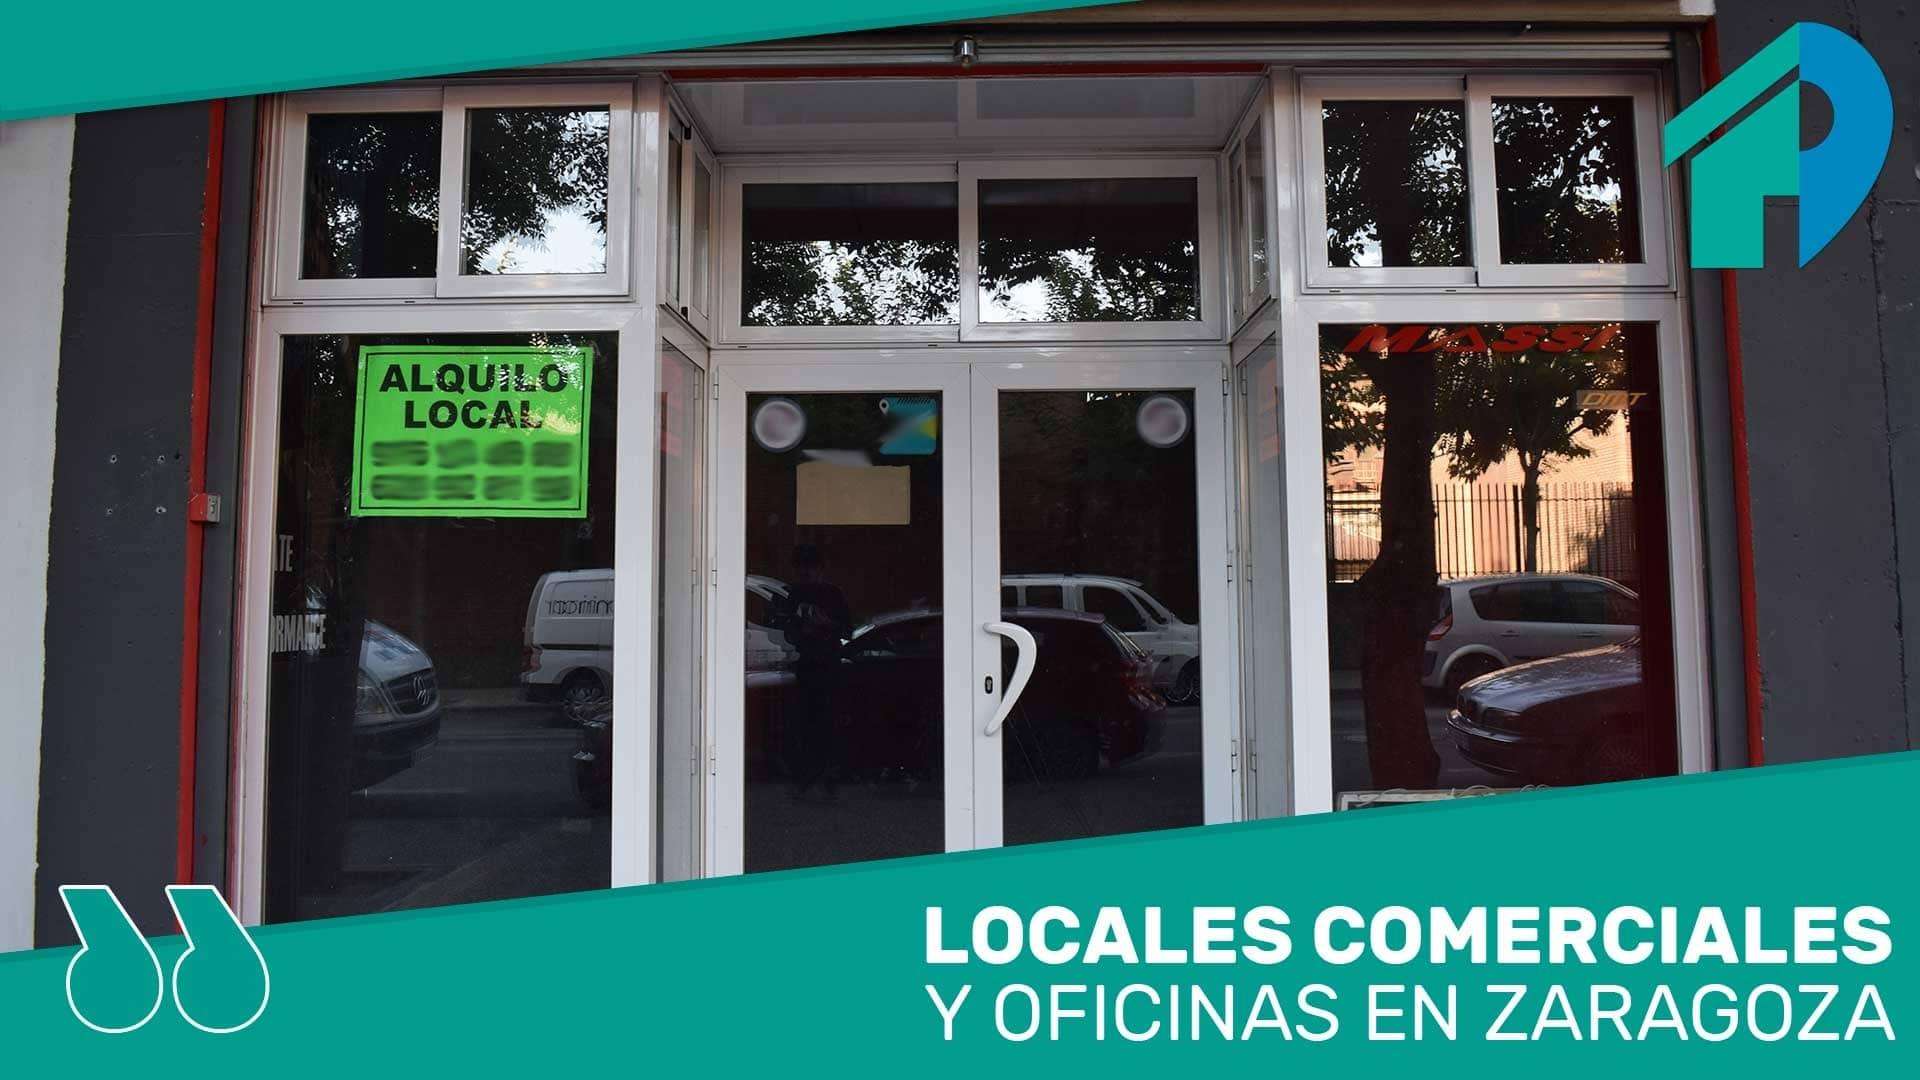 Locales Zaragoza publicidad de página web